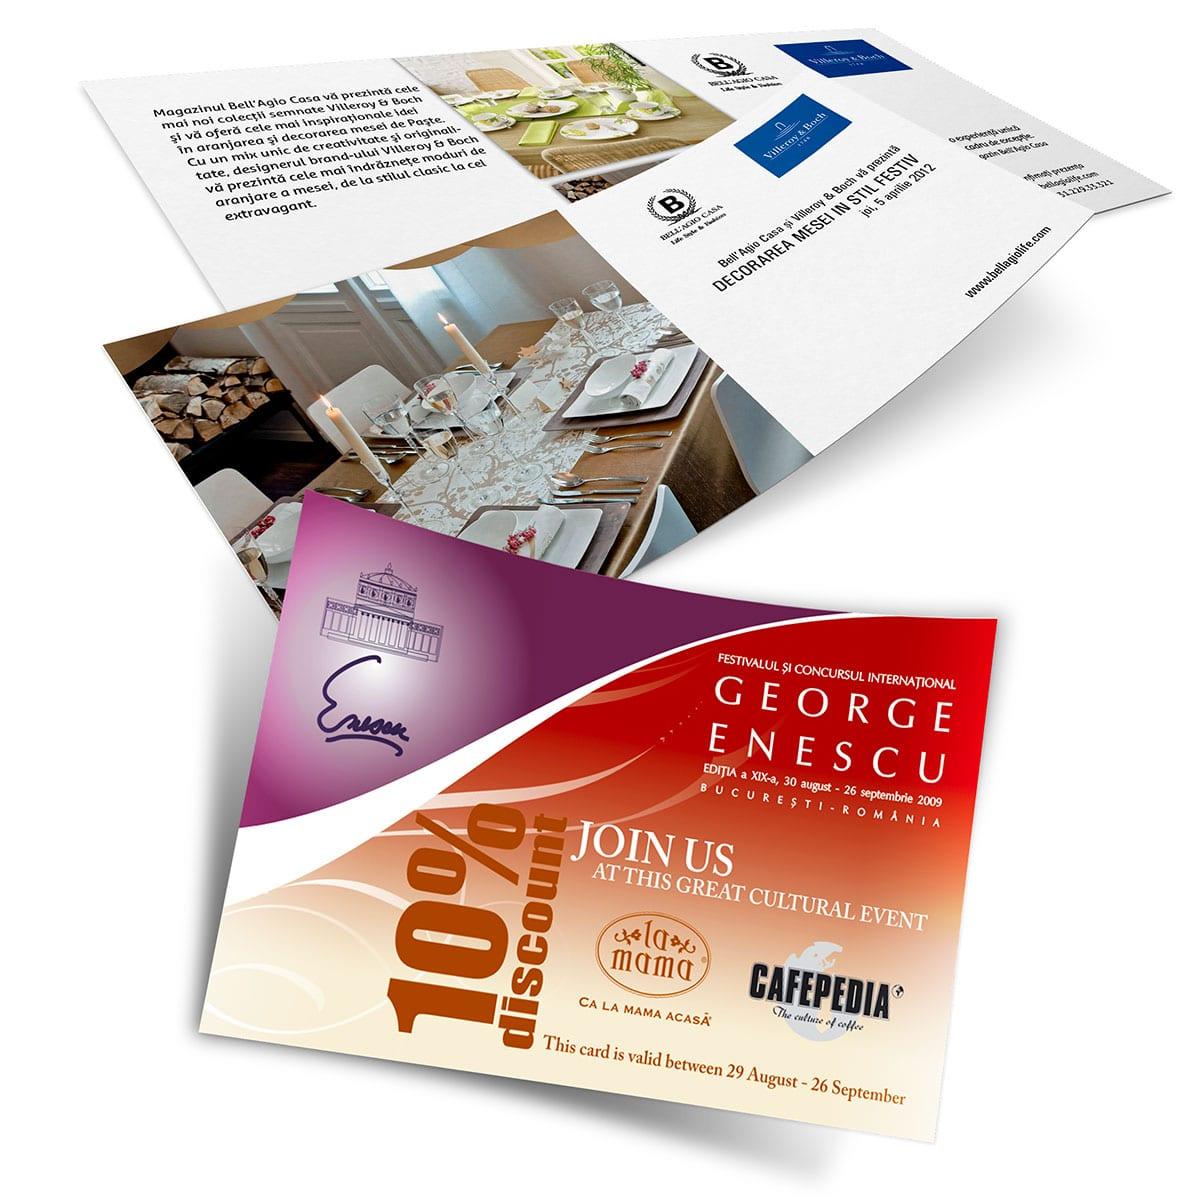 Voucher-ul și invitațiile sunt instrumente de marketing prin care poți măsura foarte ușor o campanie de promovare